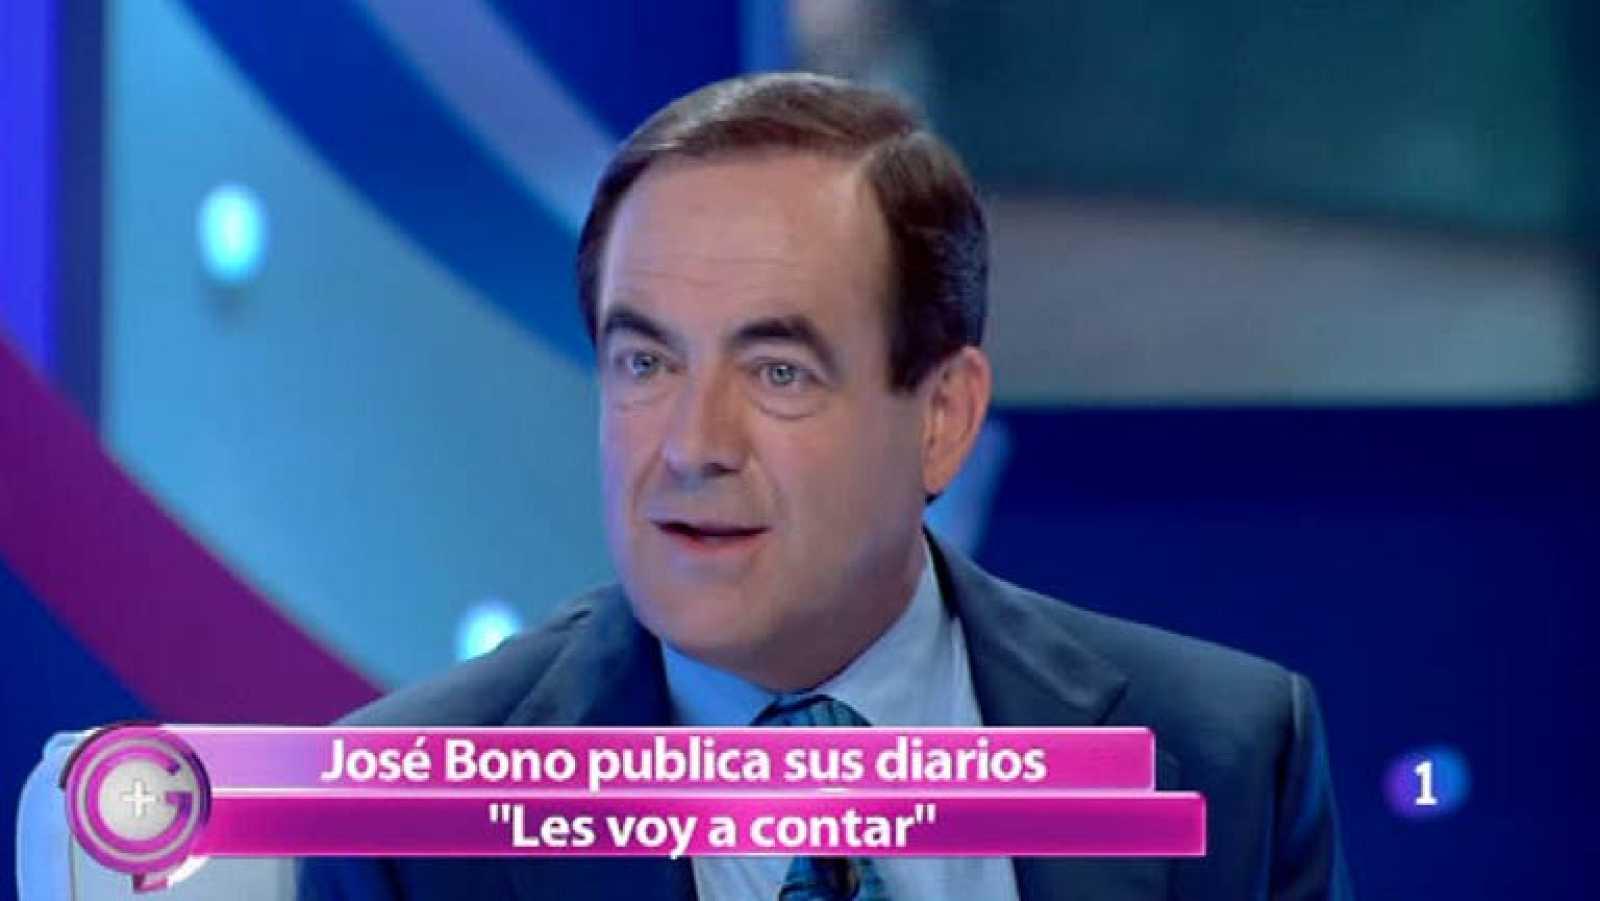 Más Gente - José Bono presenta 'Les voy a contar' en Más Gente